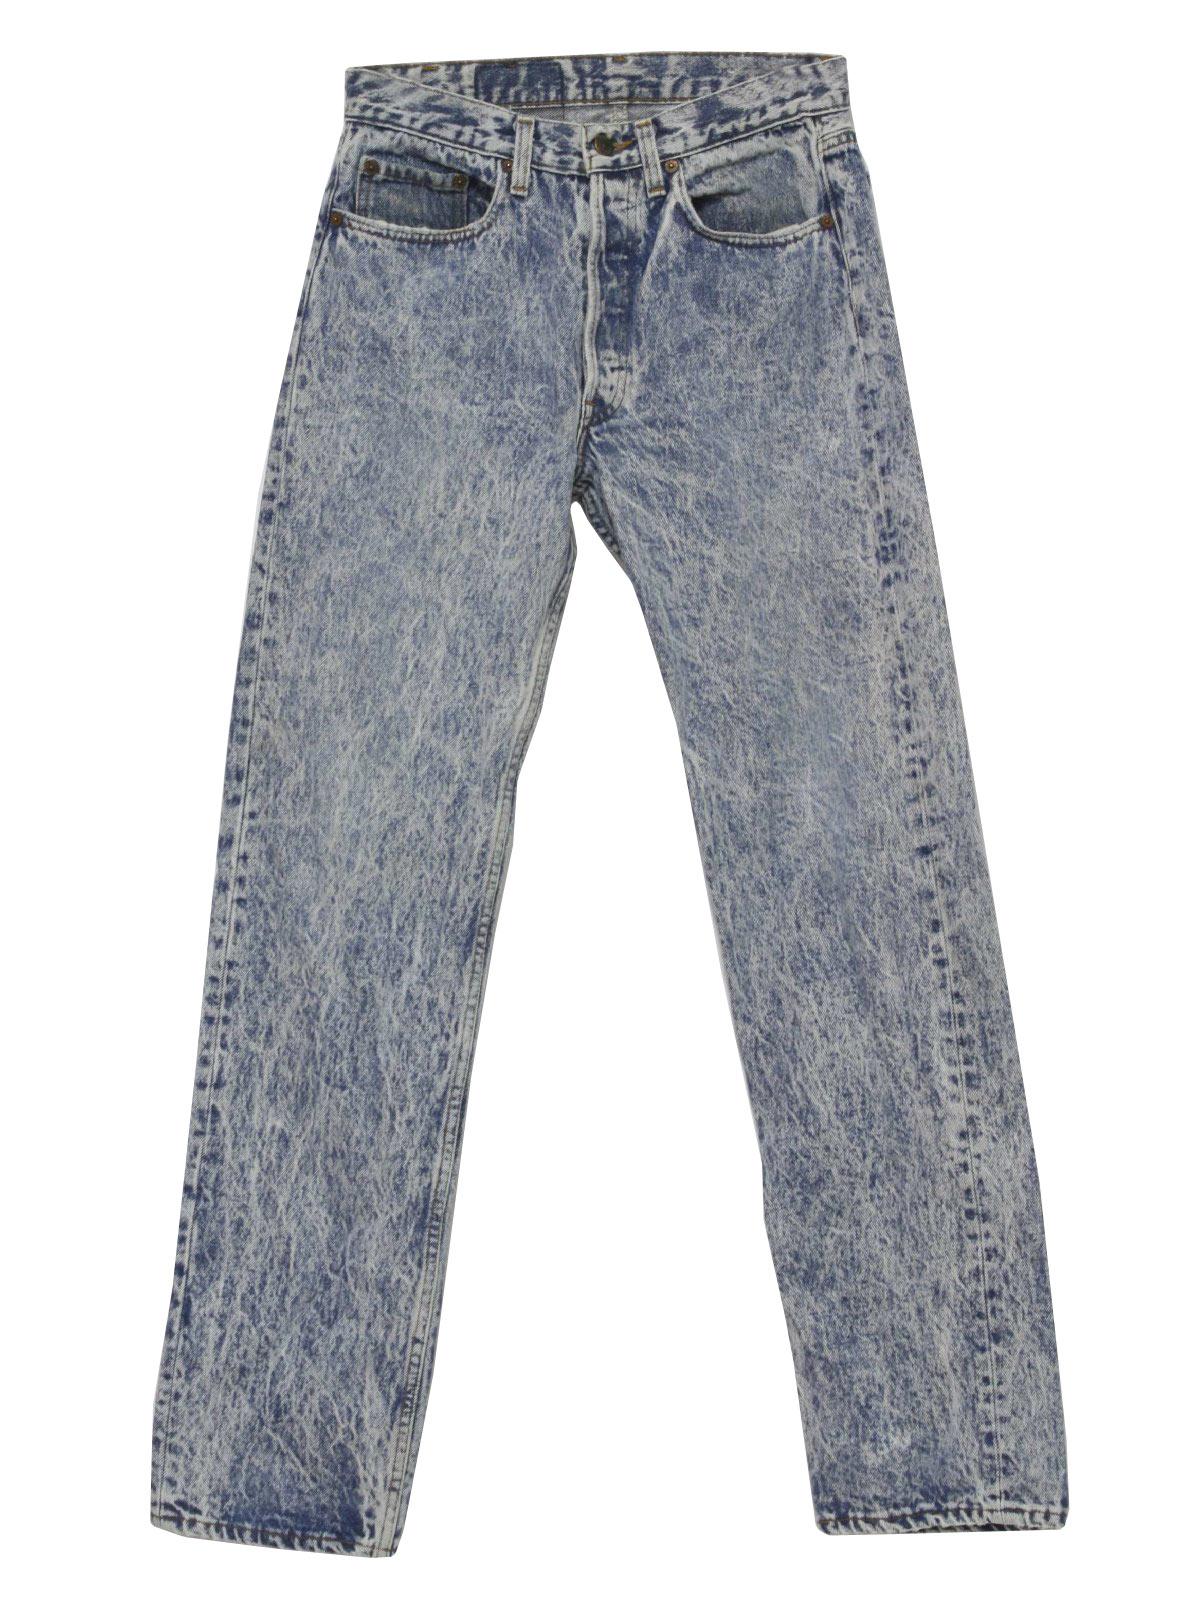 Acid Jeans 90s Washed